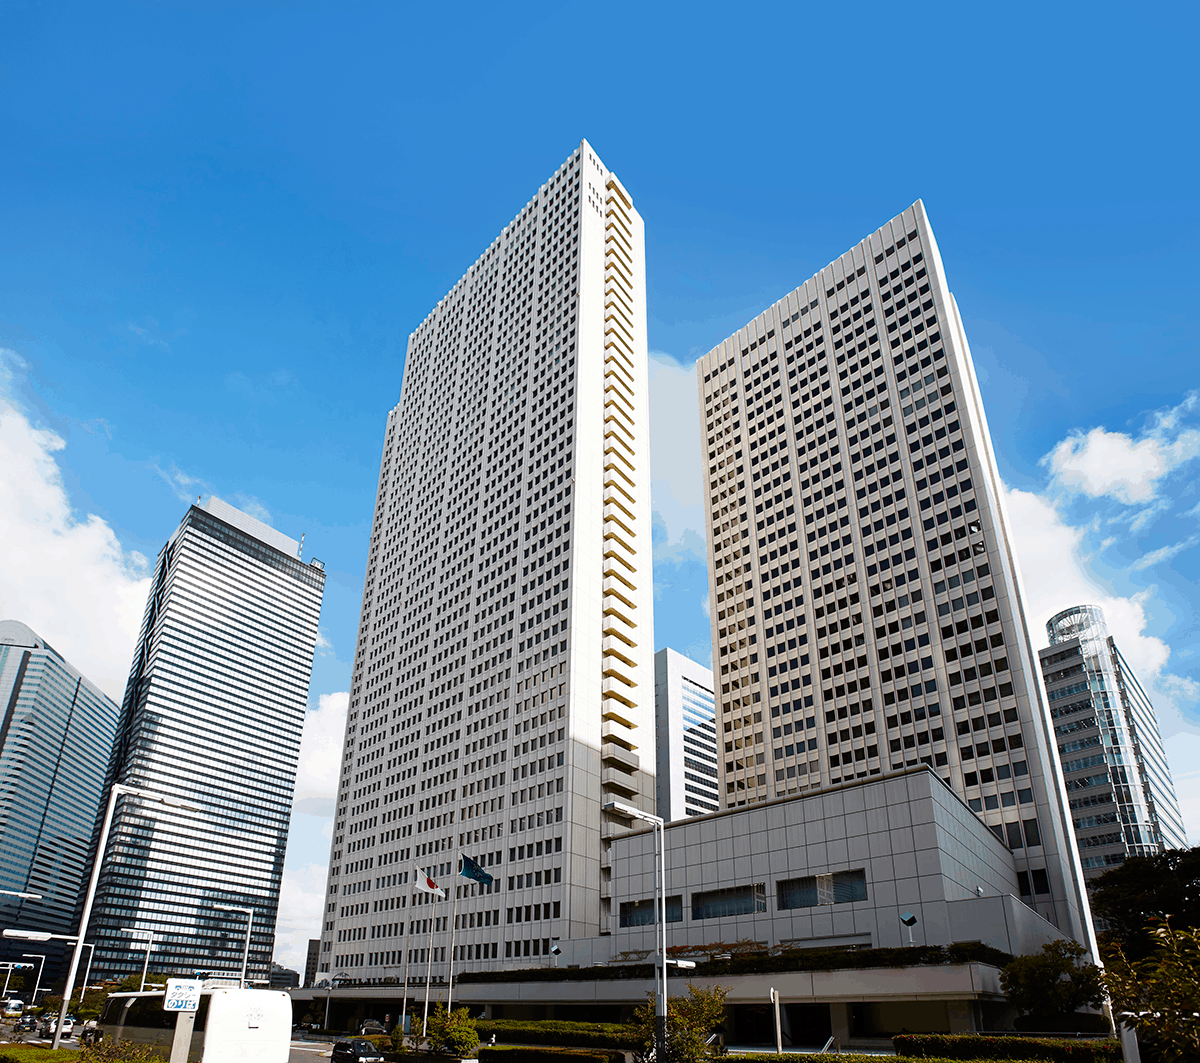 โรงแรม Keio Plaza Hotel Tokyo